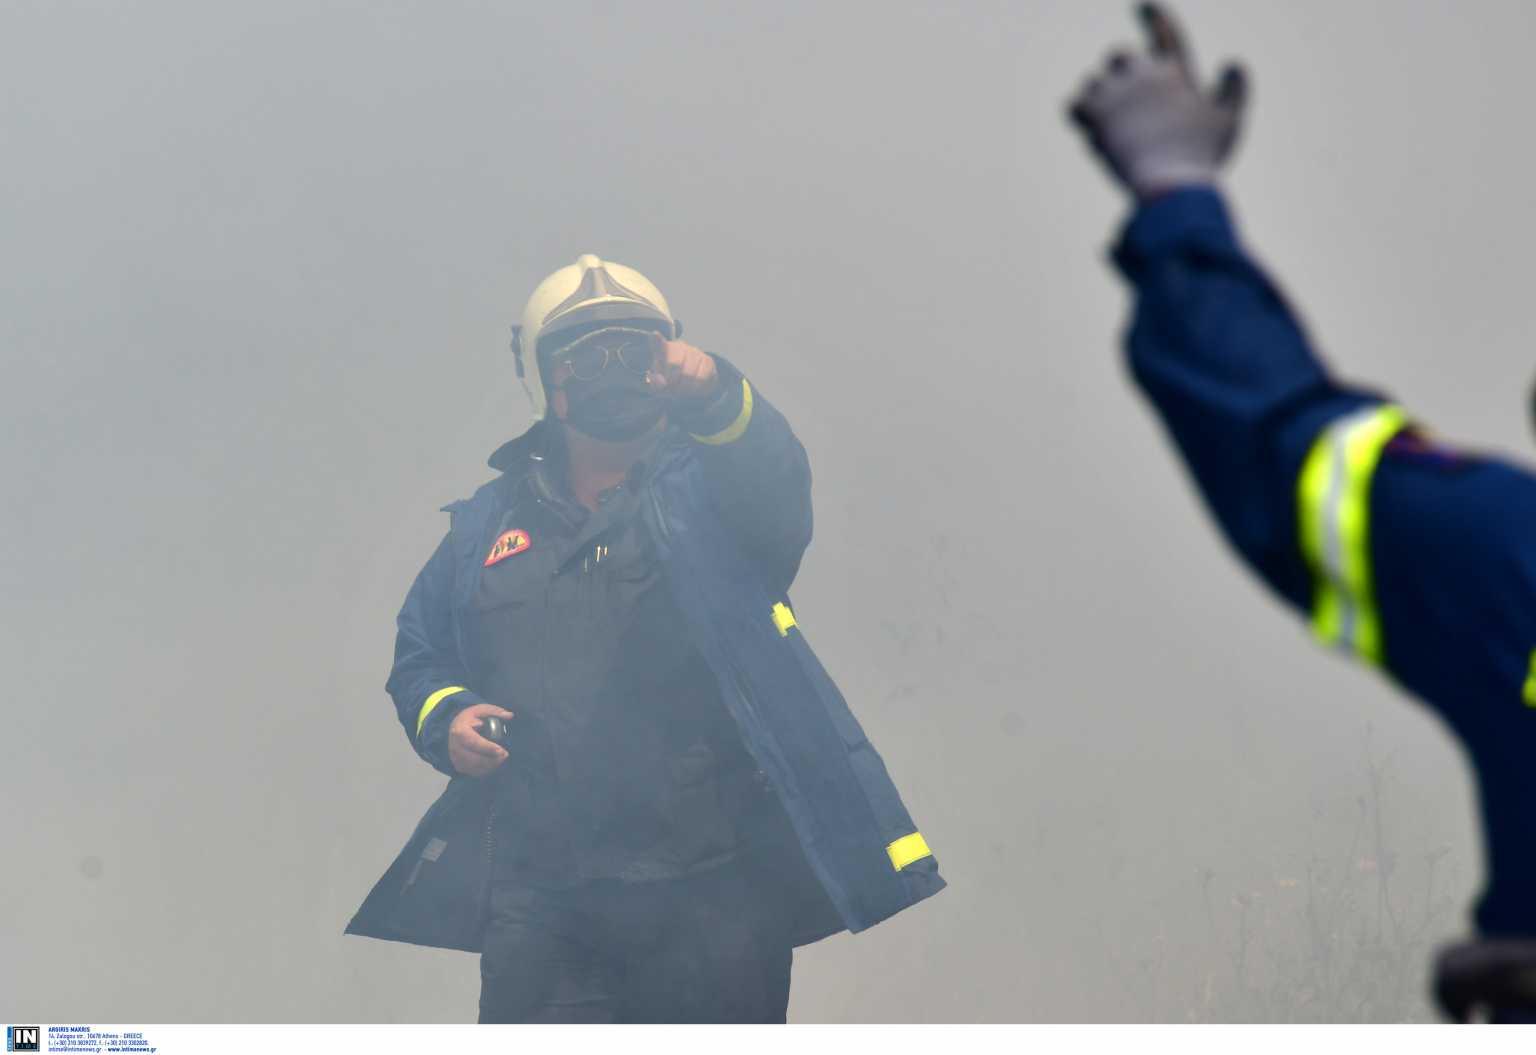 Φωτιά τώρα στο Πανόραμα της Βούλας – Από εδάφους και αέρος επιχειρεί η Πυροσβεστική